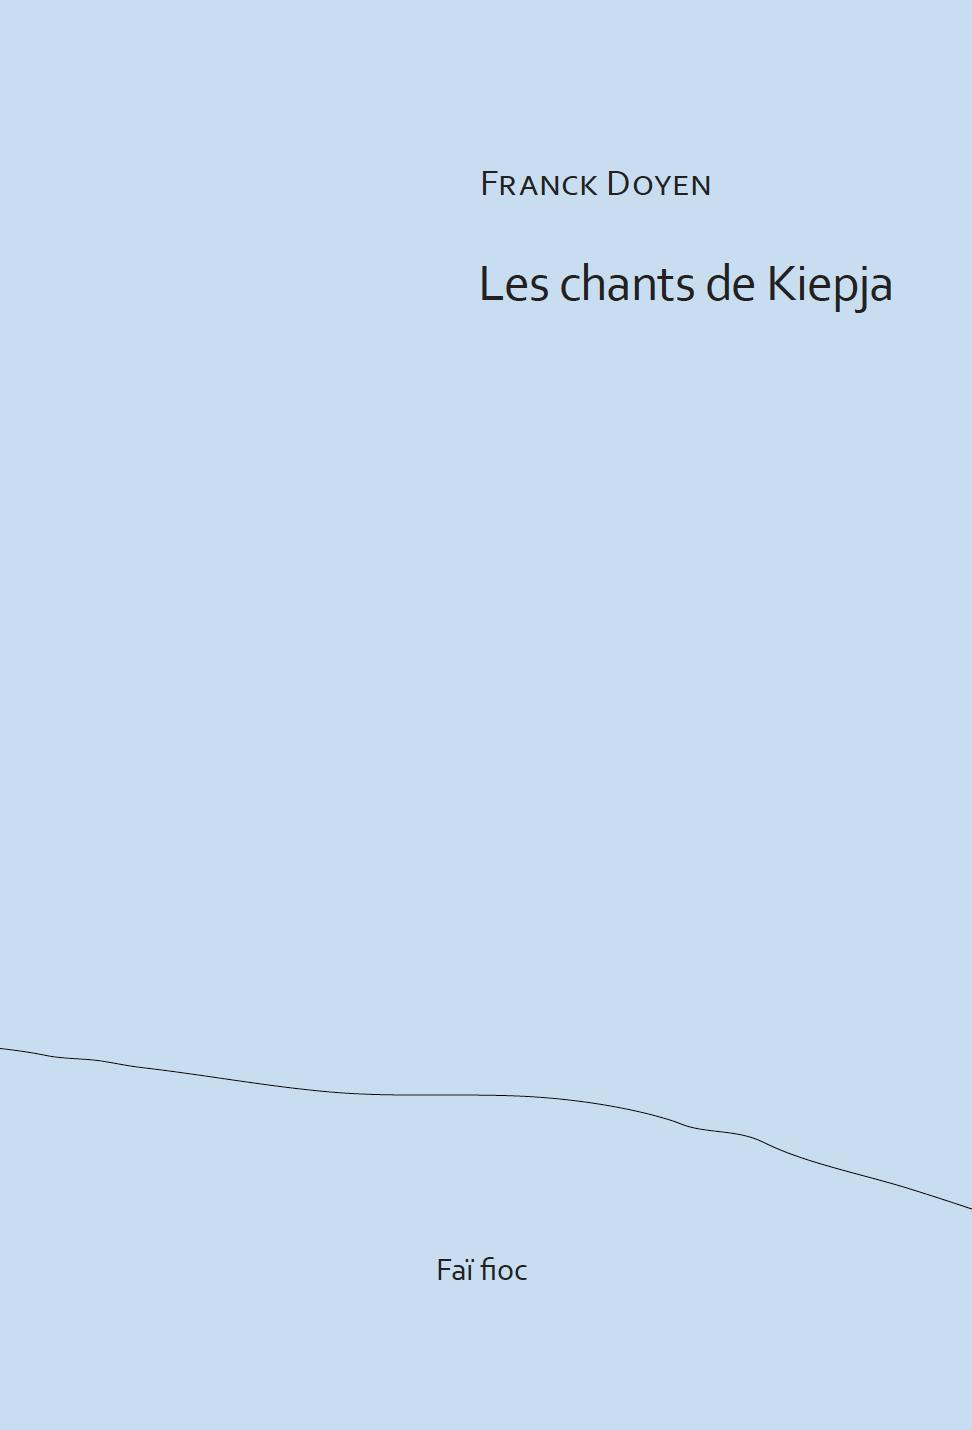 Les chants de Kiepja